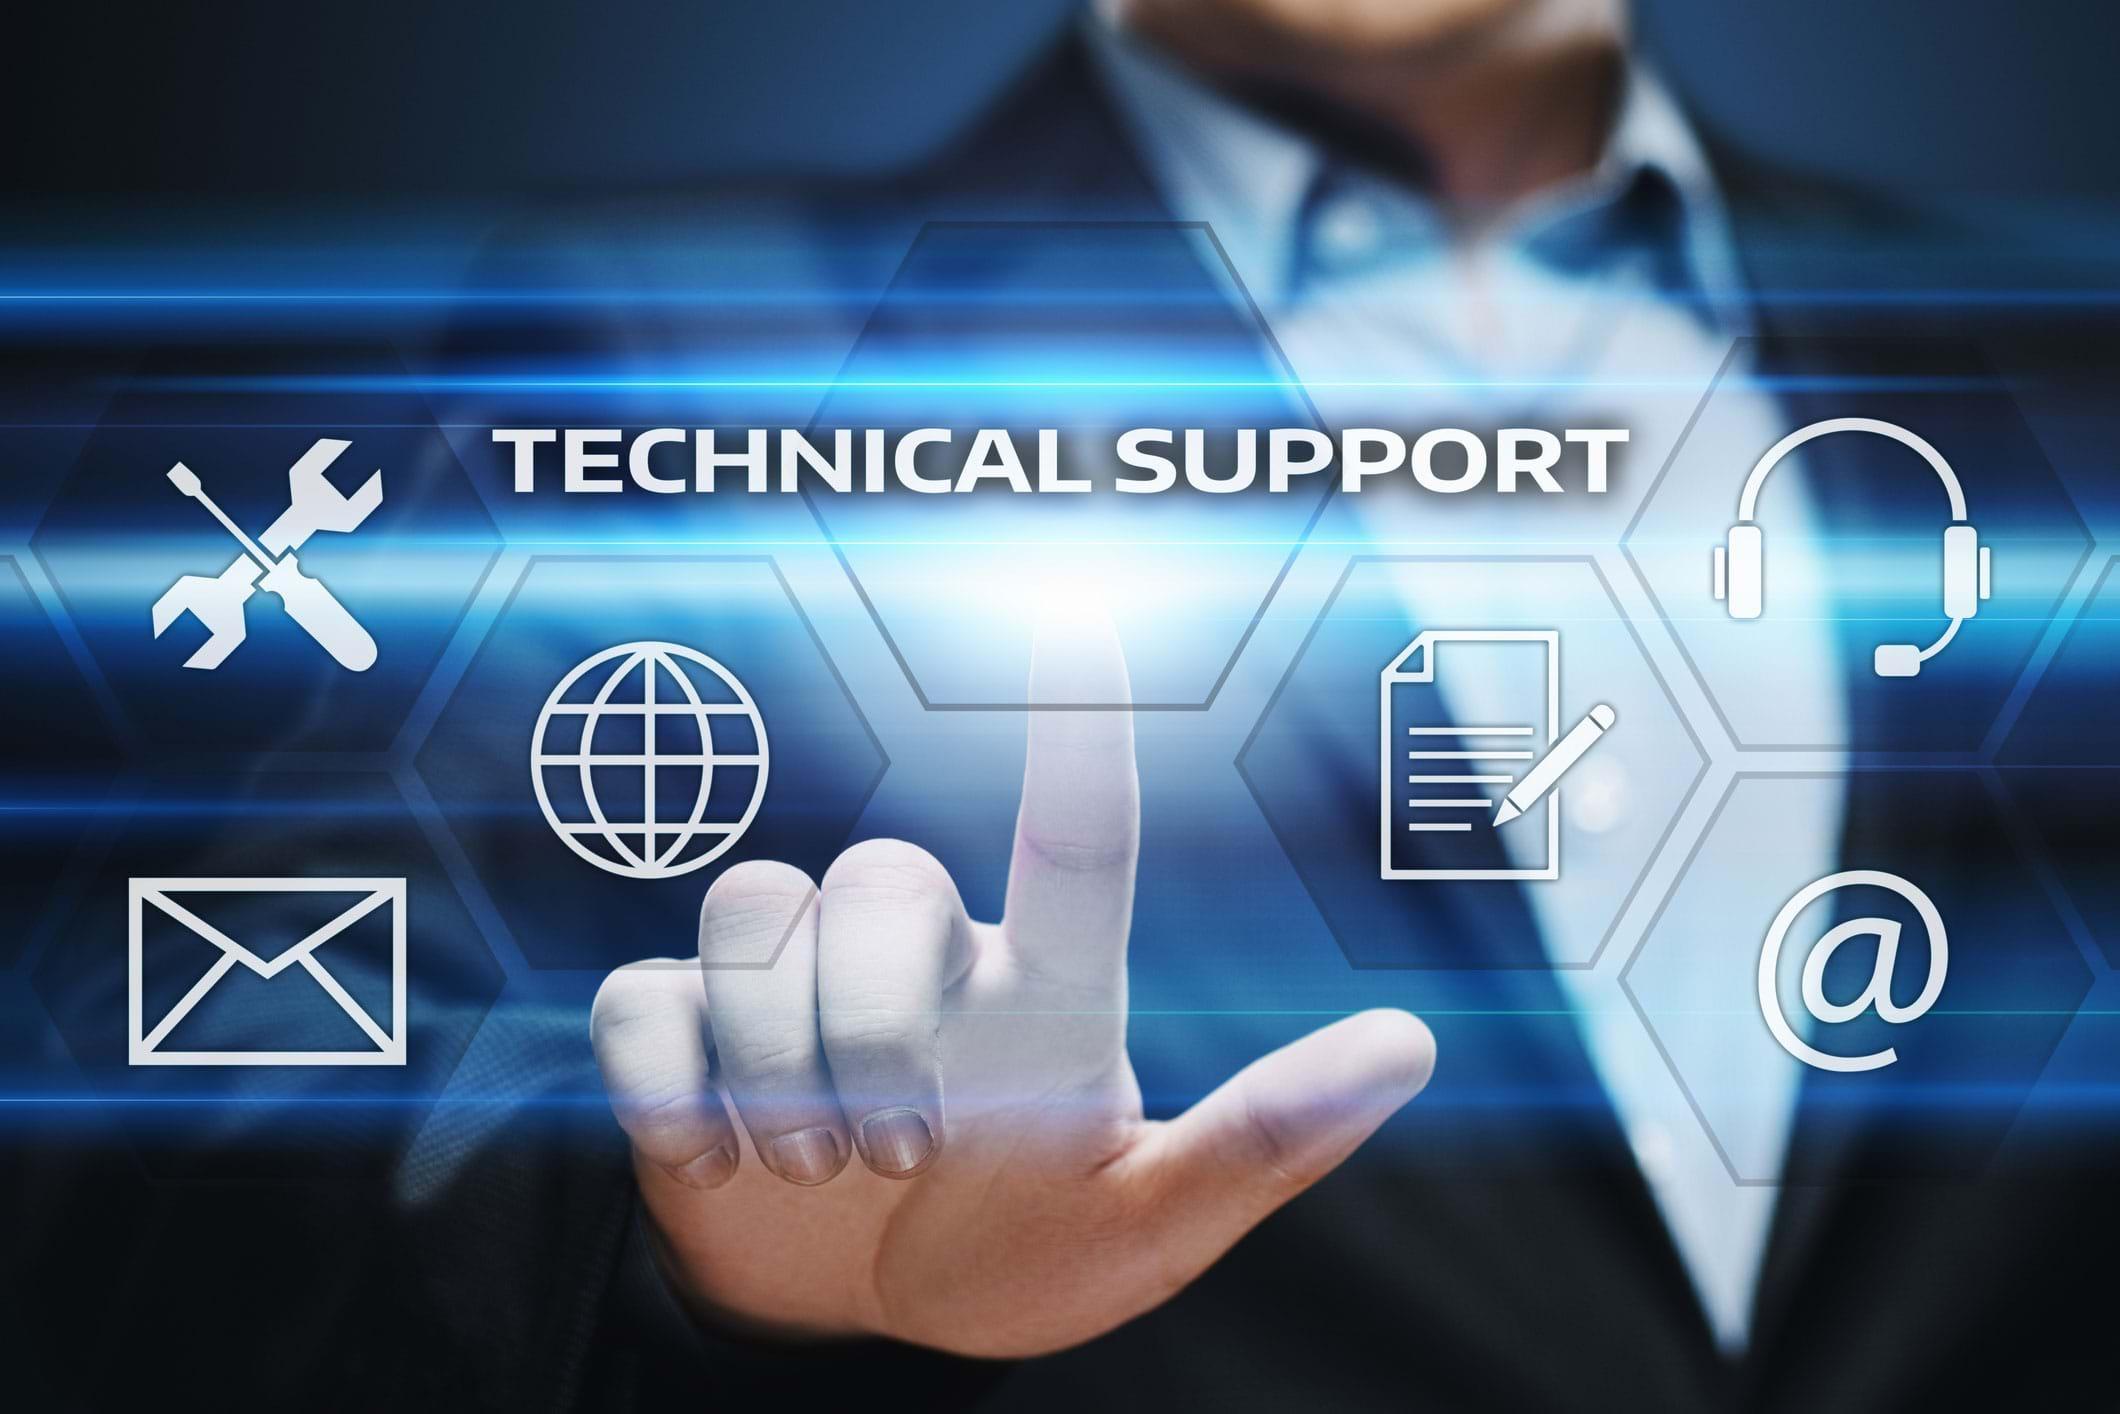 hỗ trợ kỹ thuật dẫn đầu